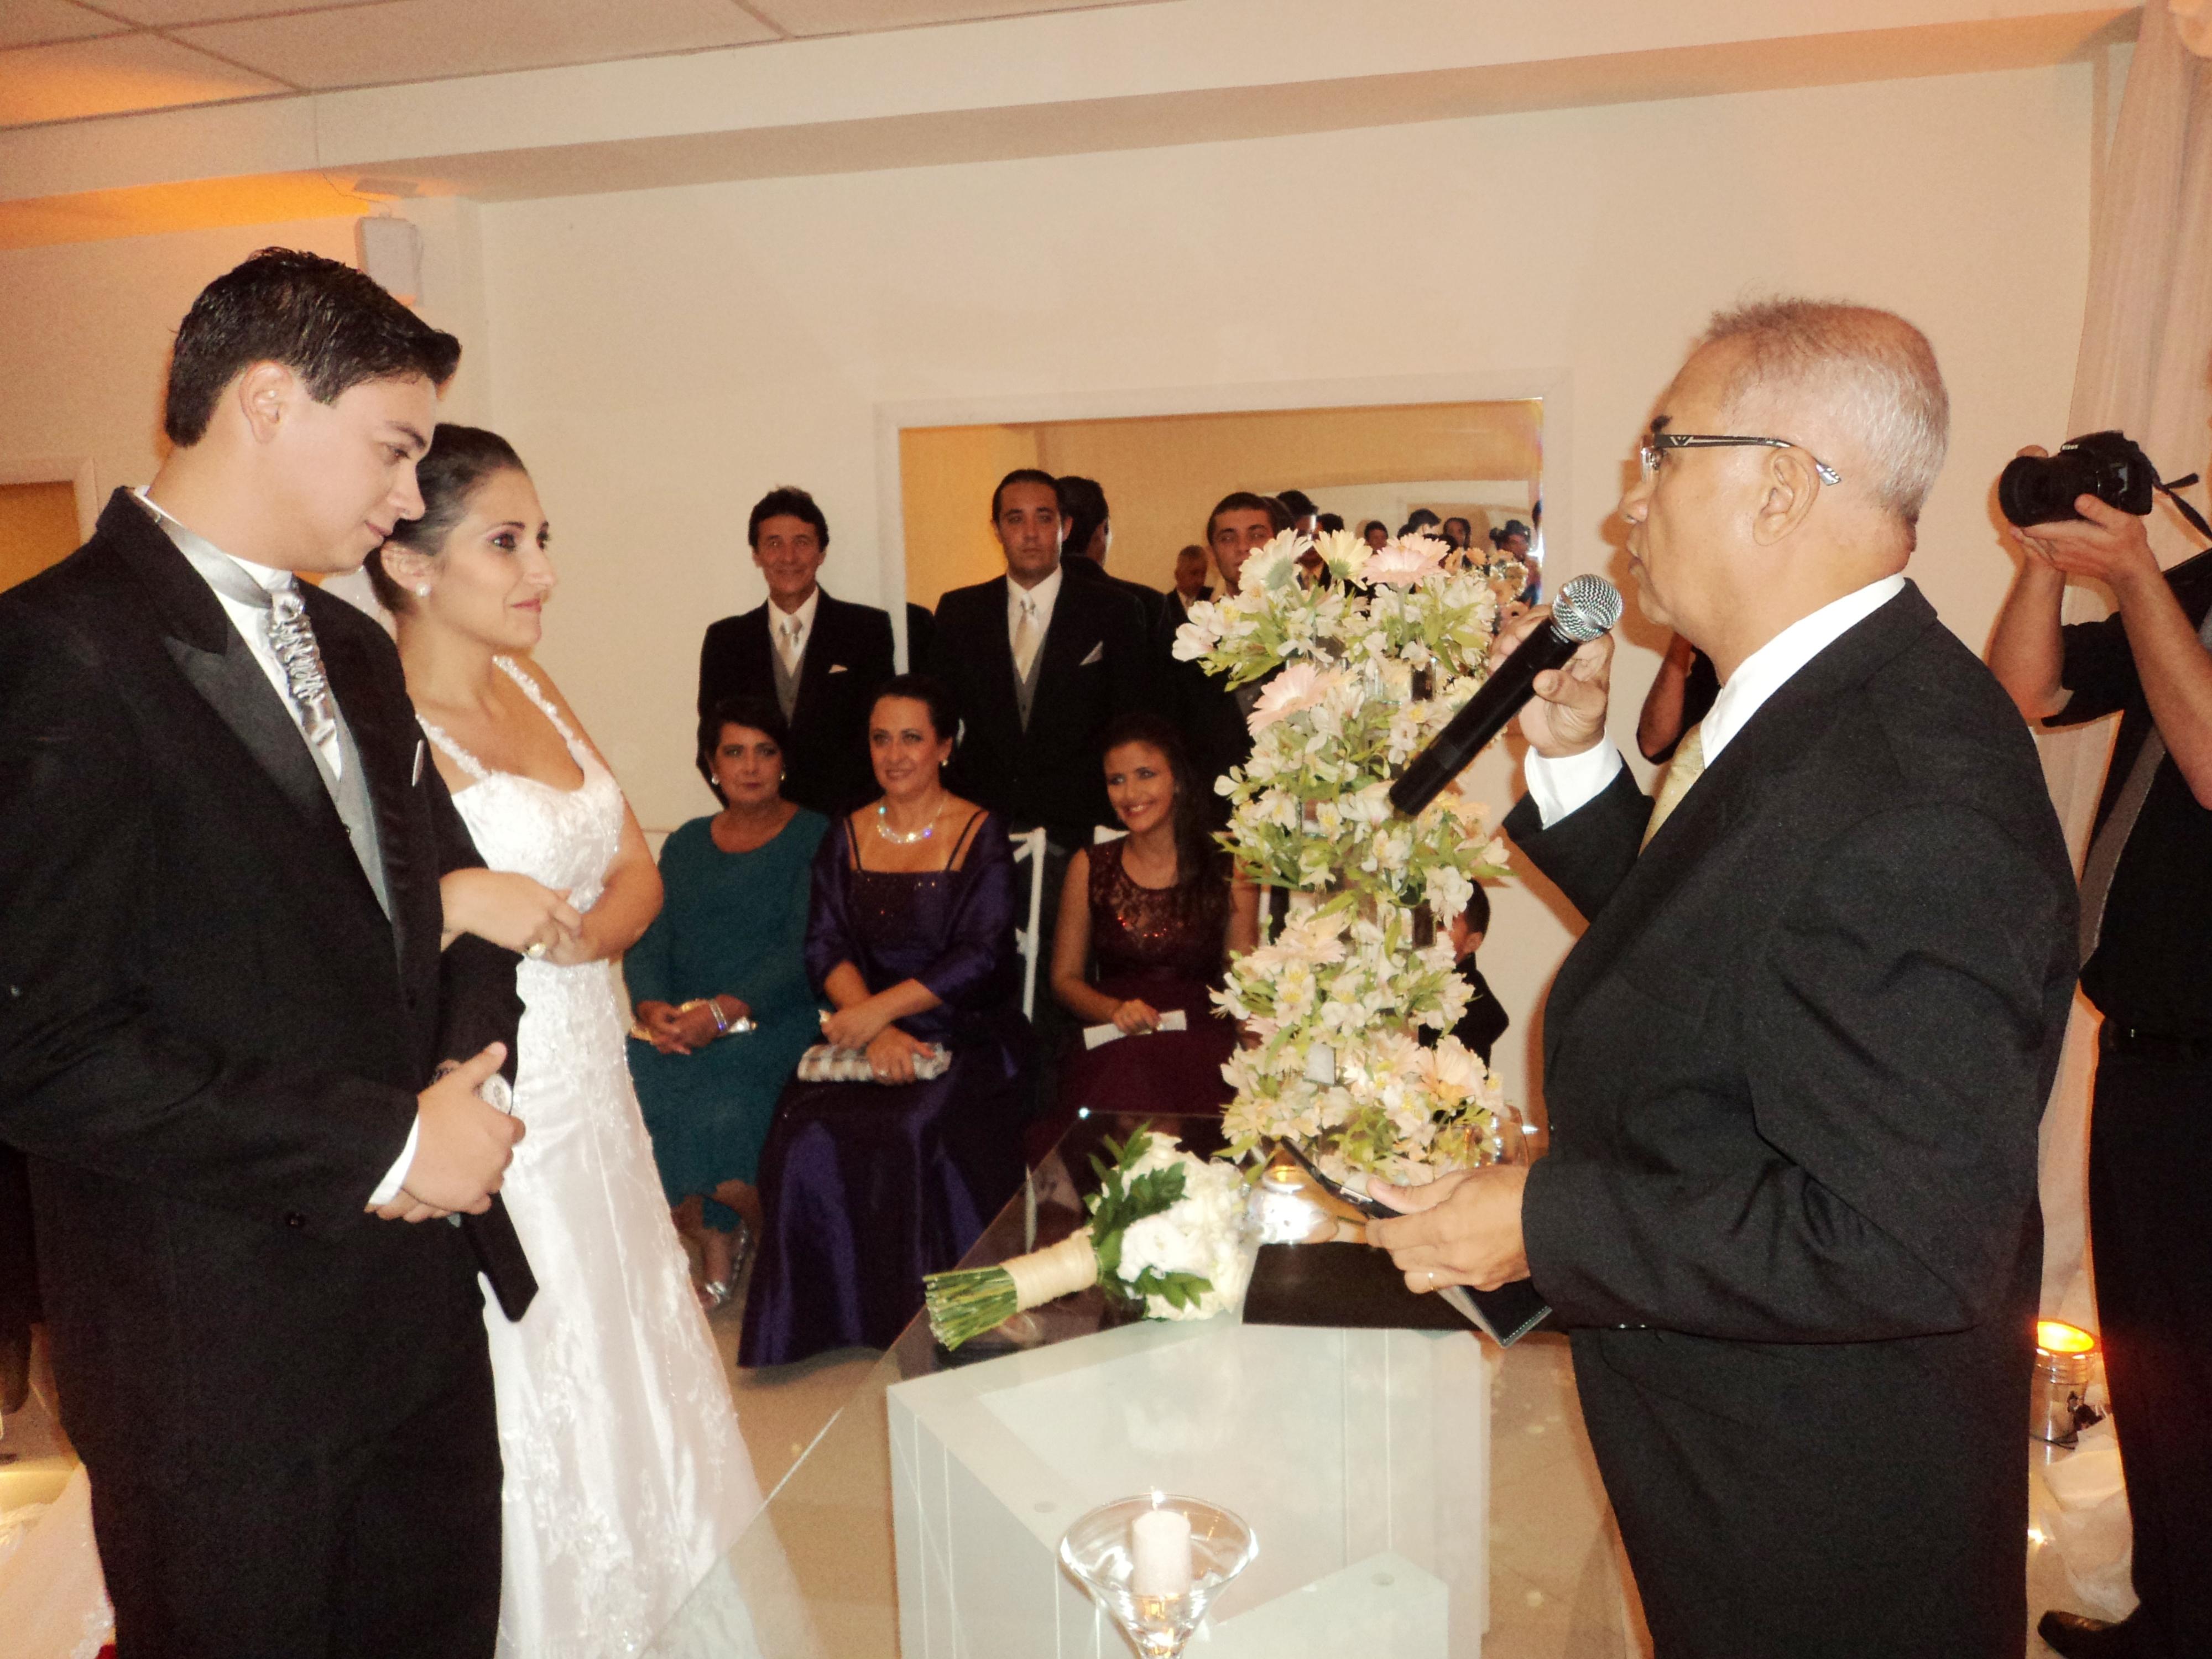 foto 2 momento da cerimonia Barbara e Pedro 19.4